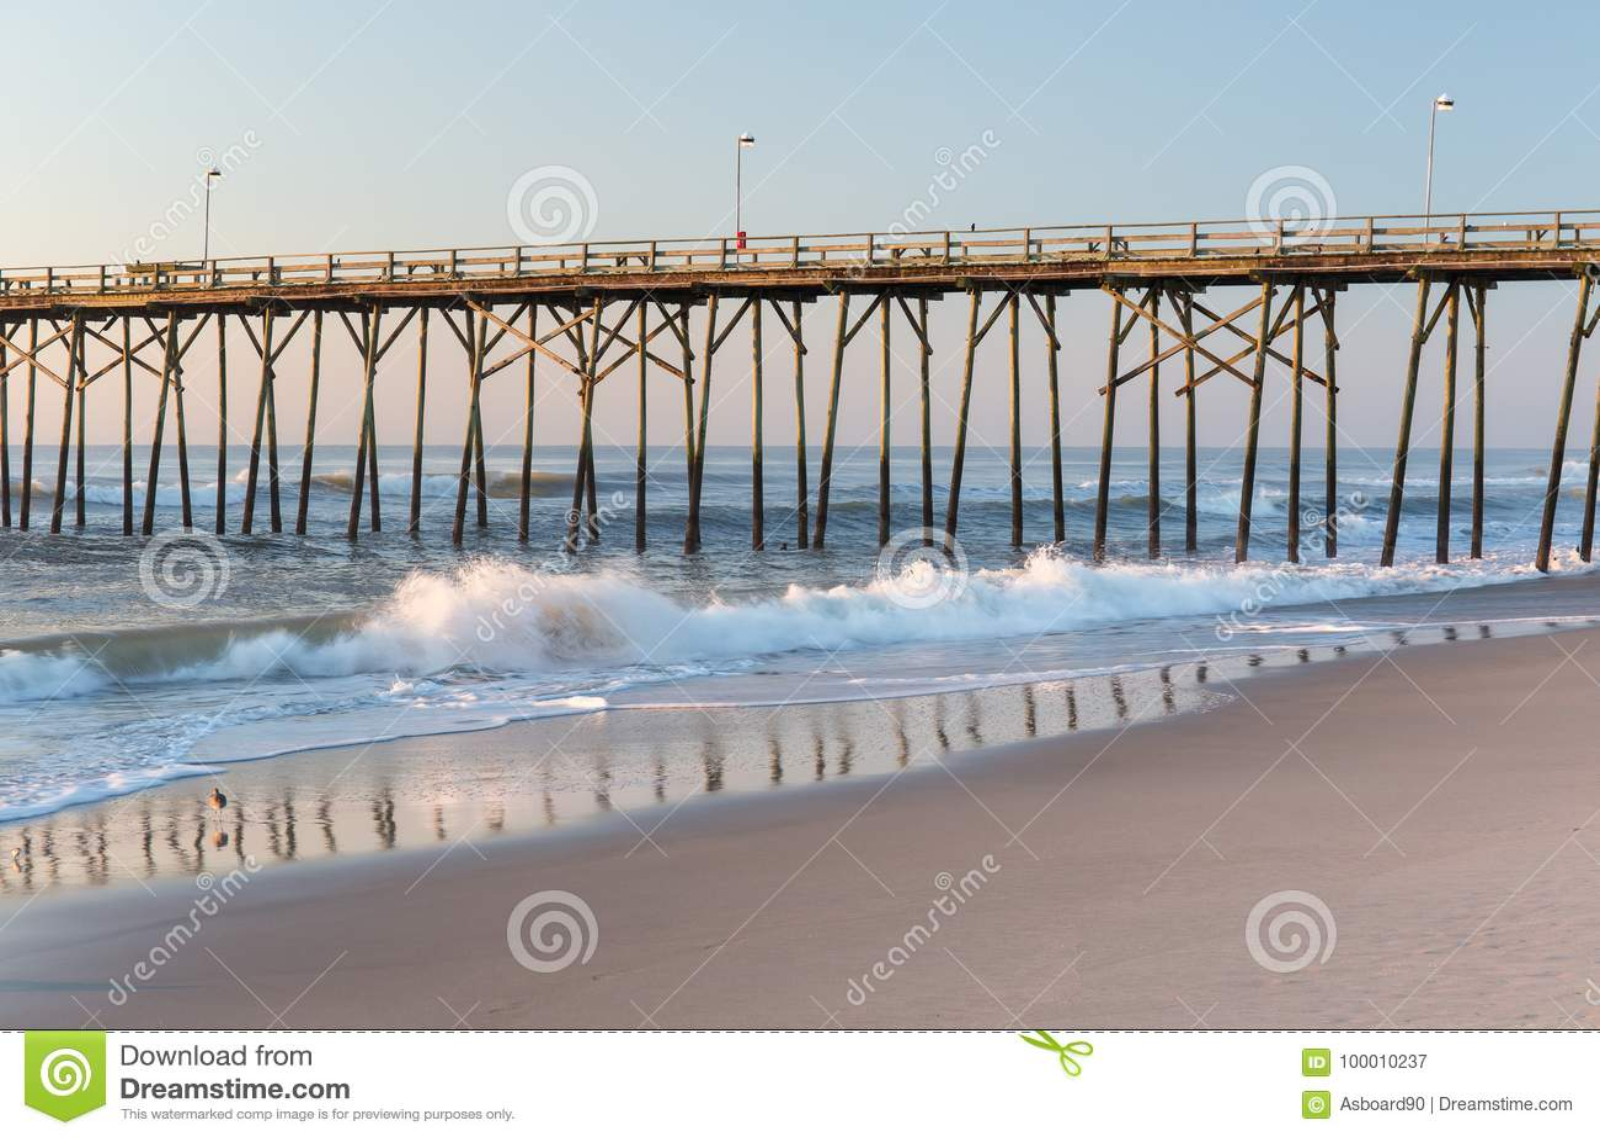 Fishing pier at Kure Beach, North Carolina